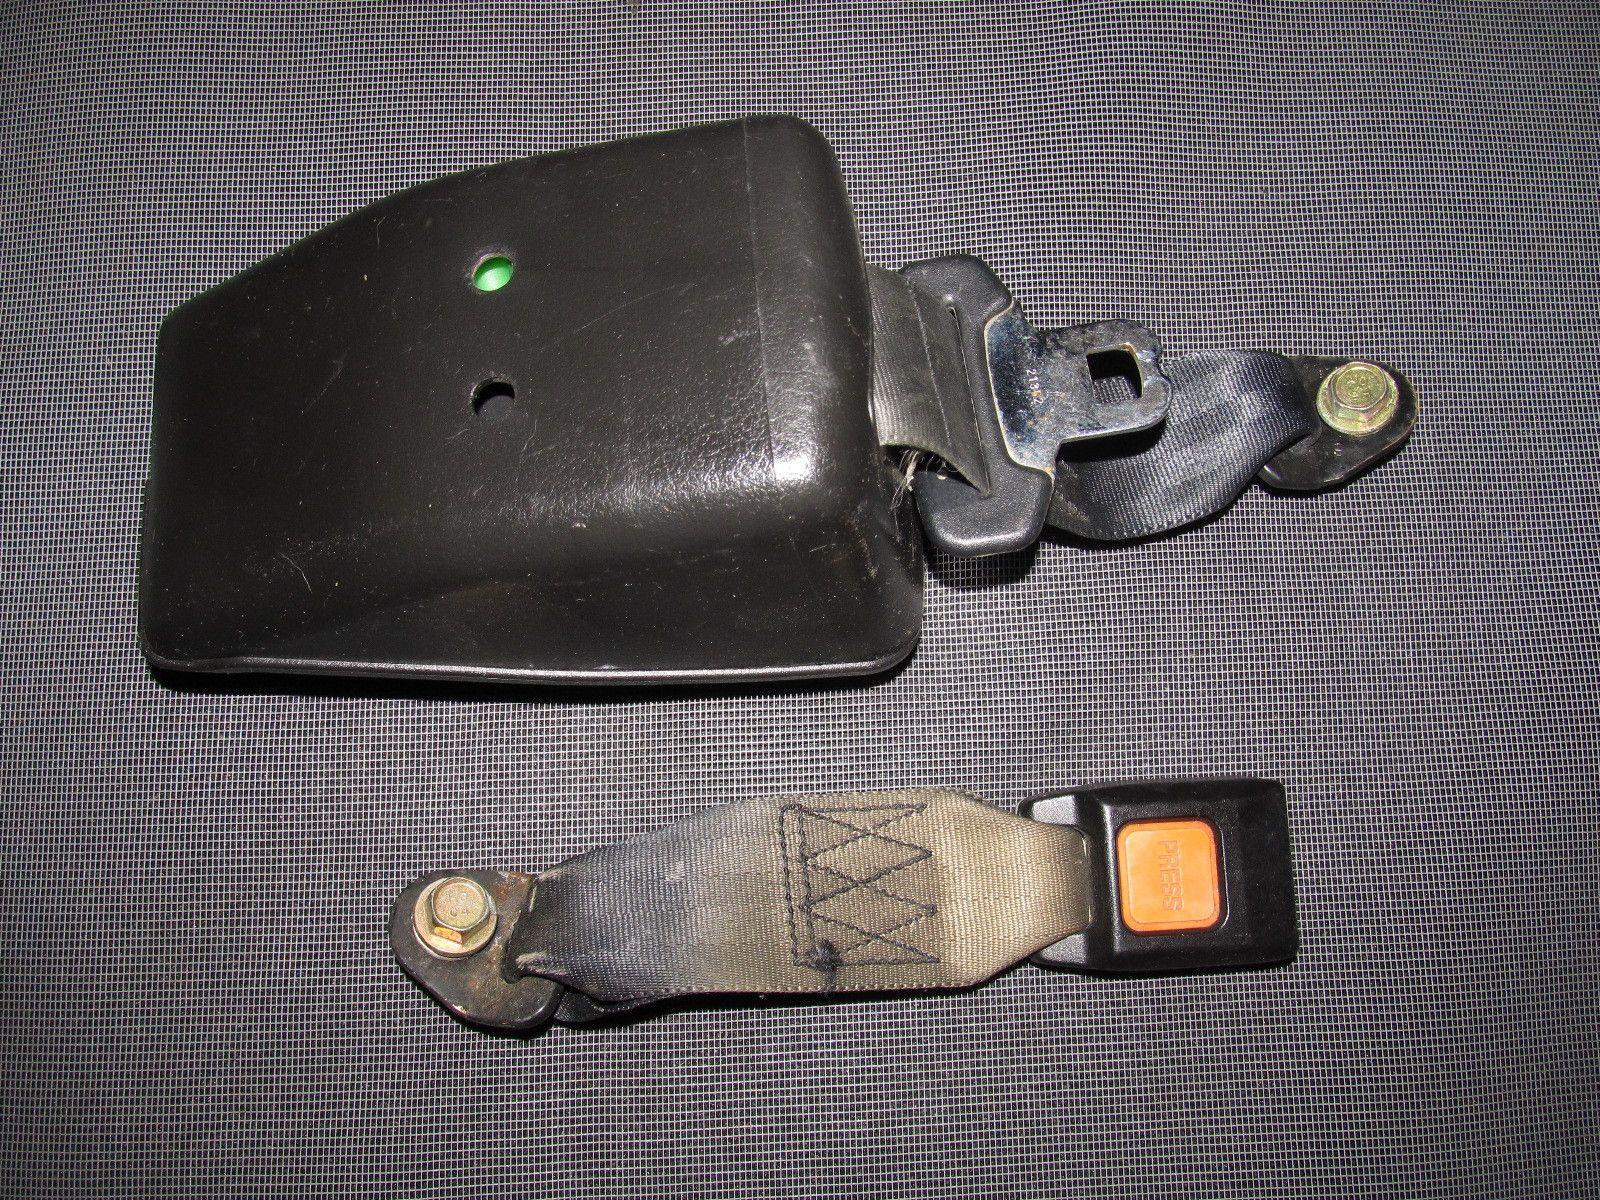 89 90 91 92 93 94 nissan 240sx oem rear seat belt rear left [ 1600 x 1200 Pixel ]